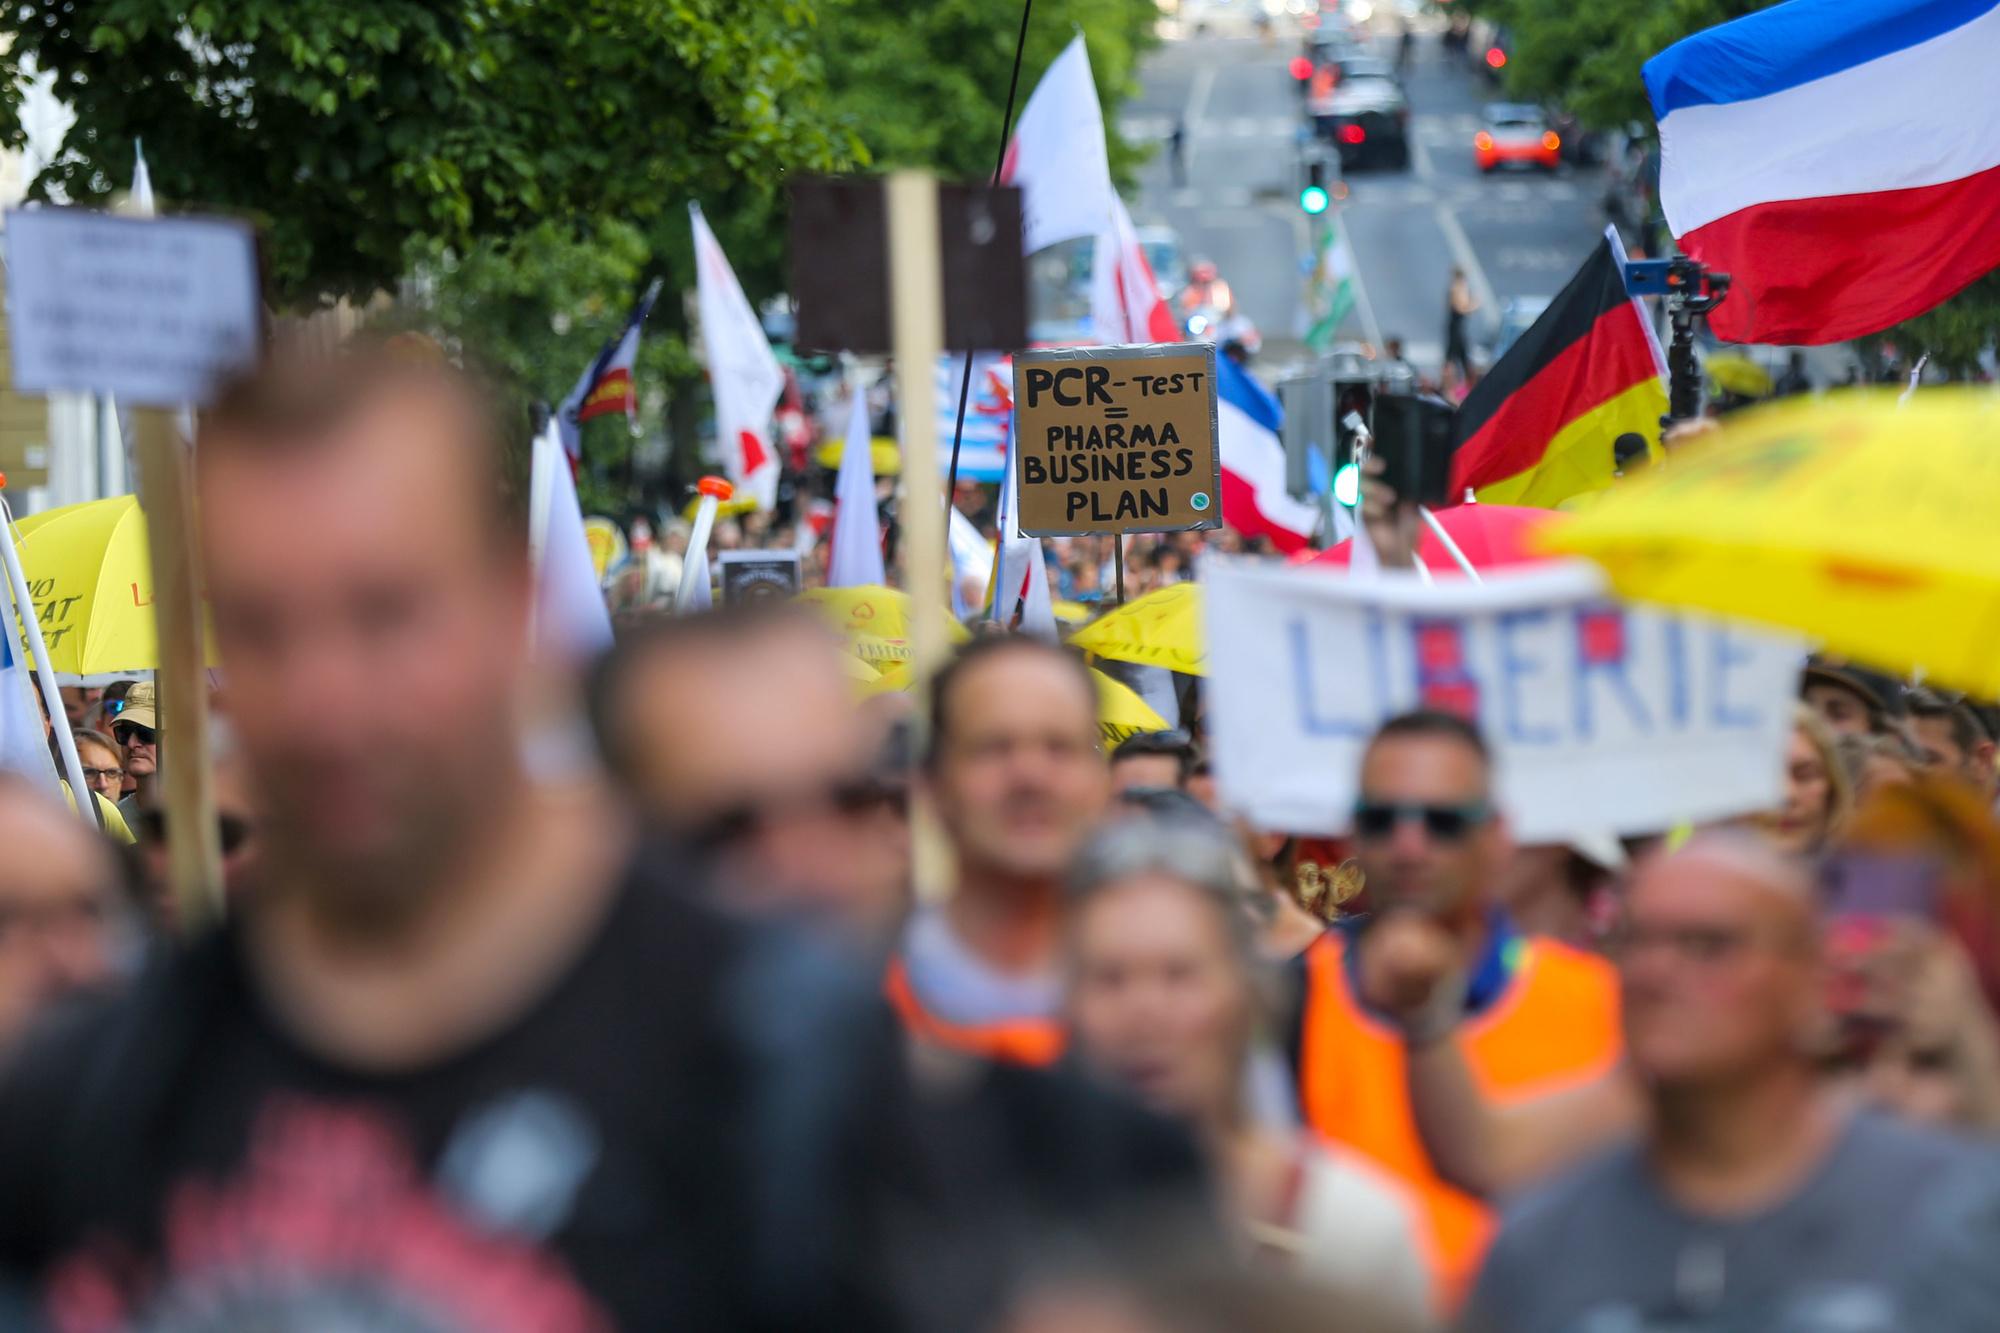 De betoging tegen coronamaatregelen en vaccinatie, Belga